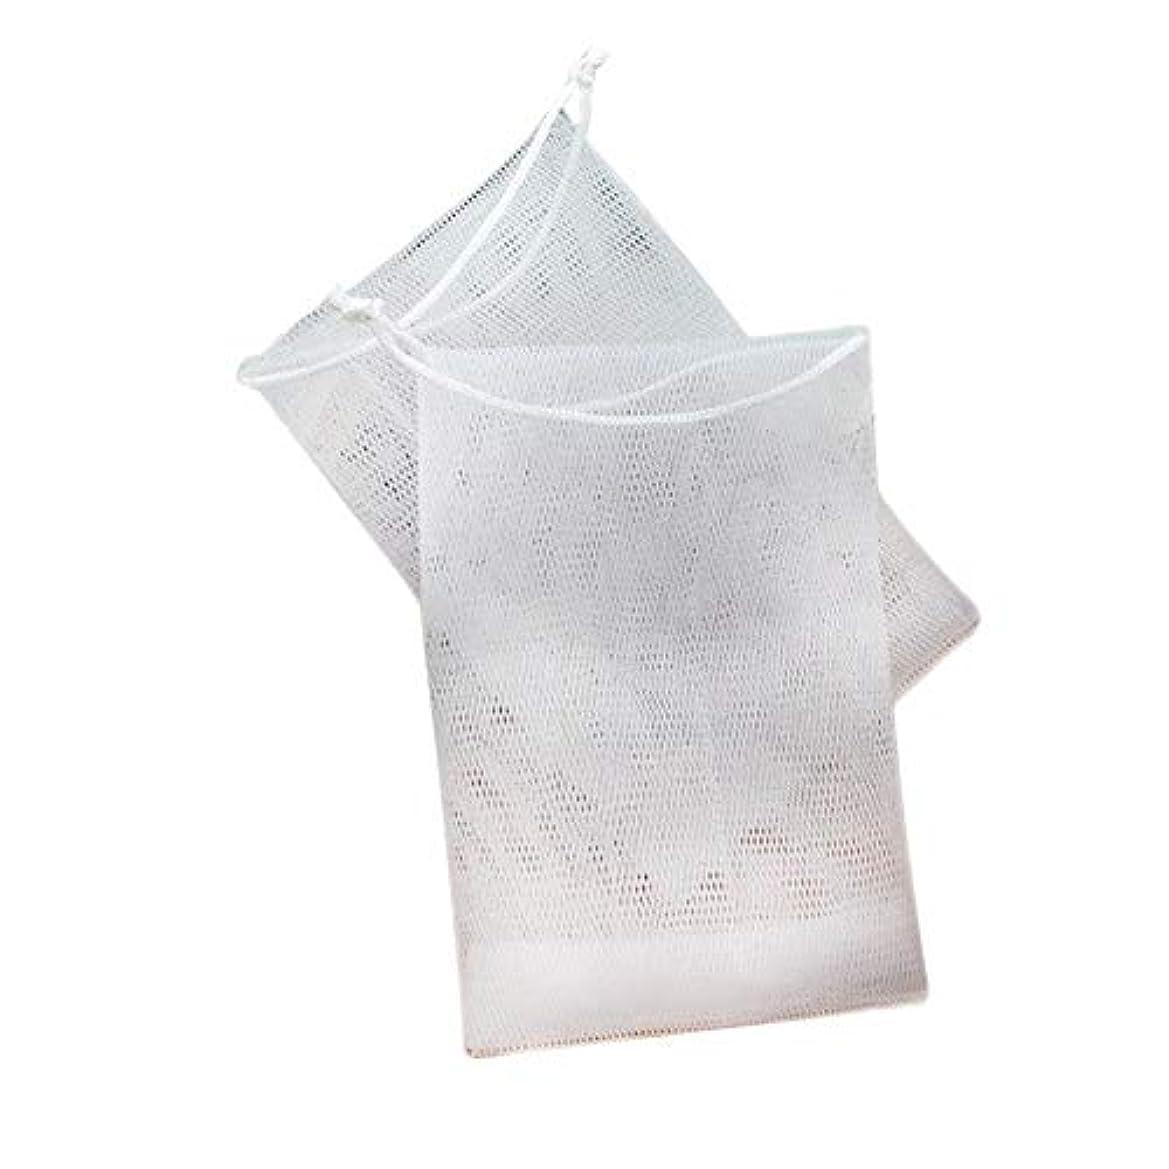 拍手する世界的に申請中石鹸の袋の網のドローストリング袋は ハンドメイドの石鹸の泡泡ネットメーカーのために掛けることができます 12×9cm